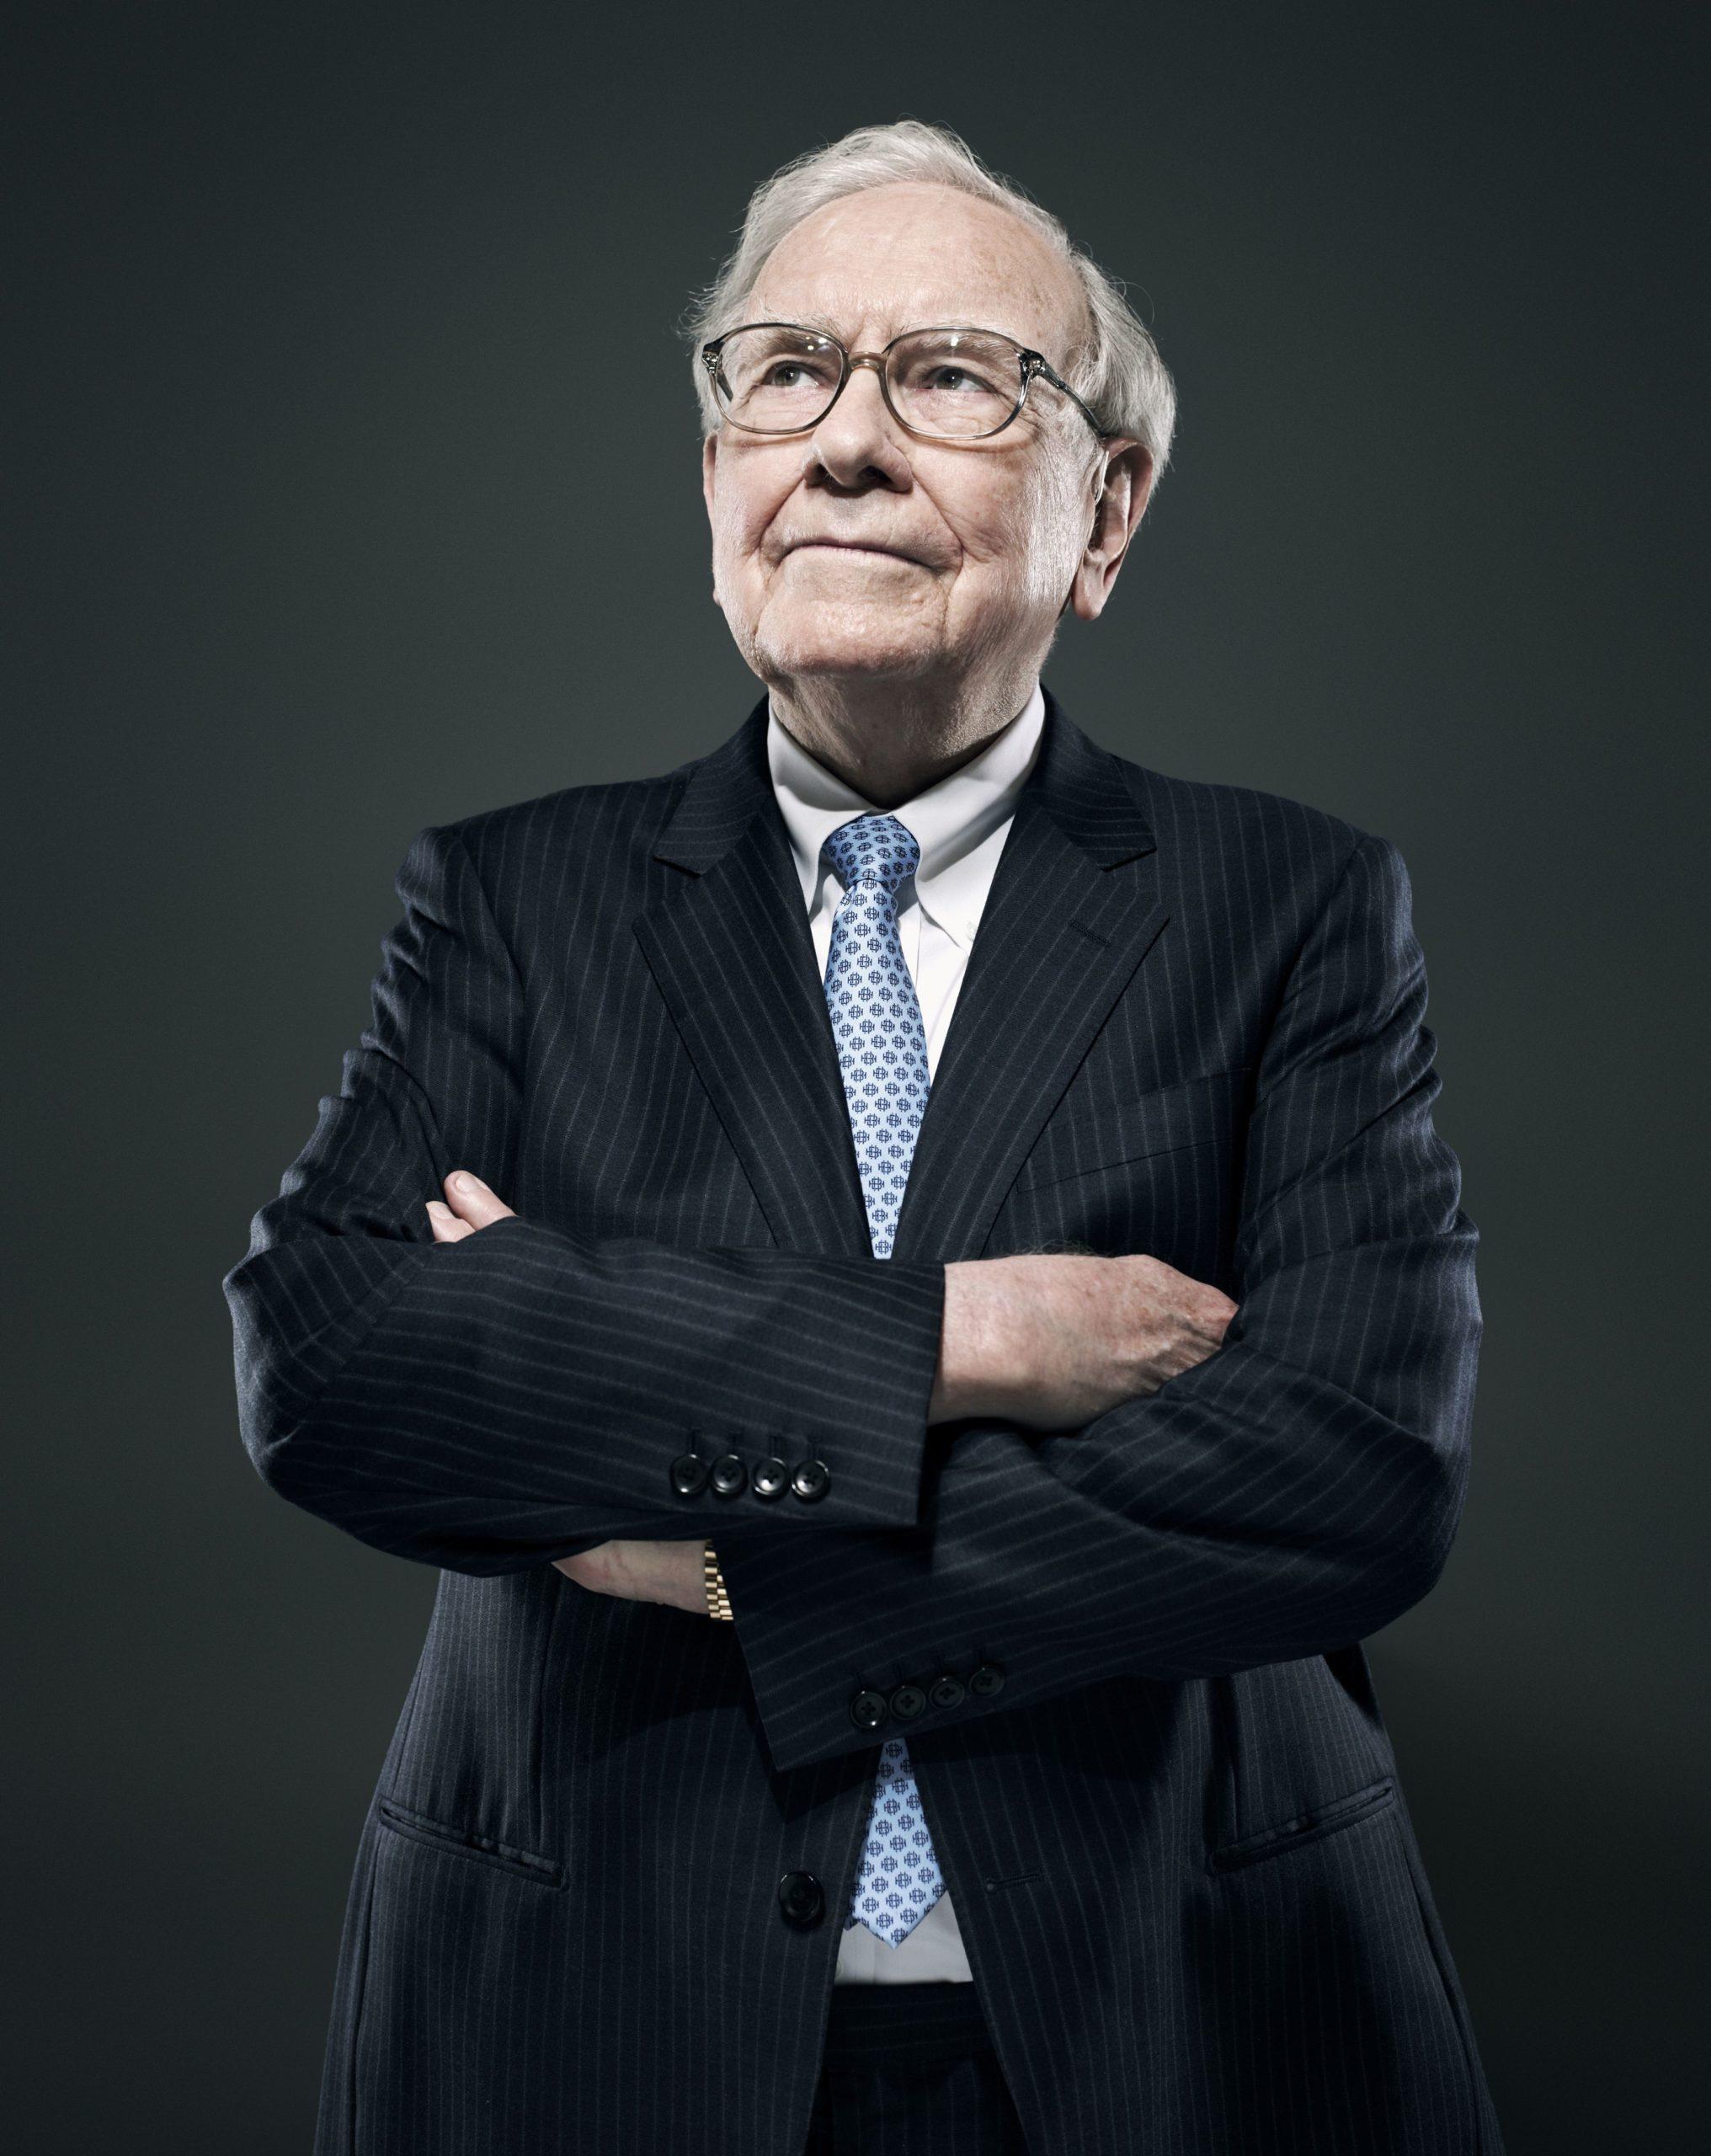 Уоррен Баффетт рассказал, какой навык сделает вас «на 50% дороже» статья на Inc.com.